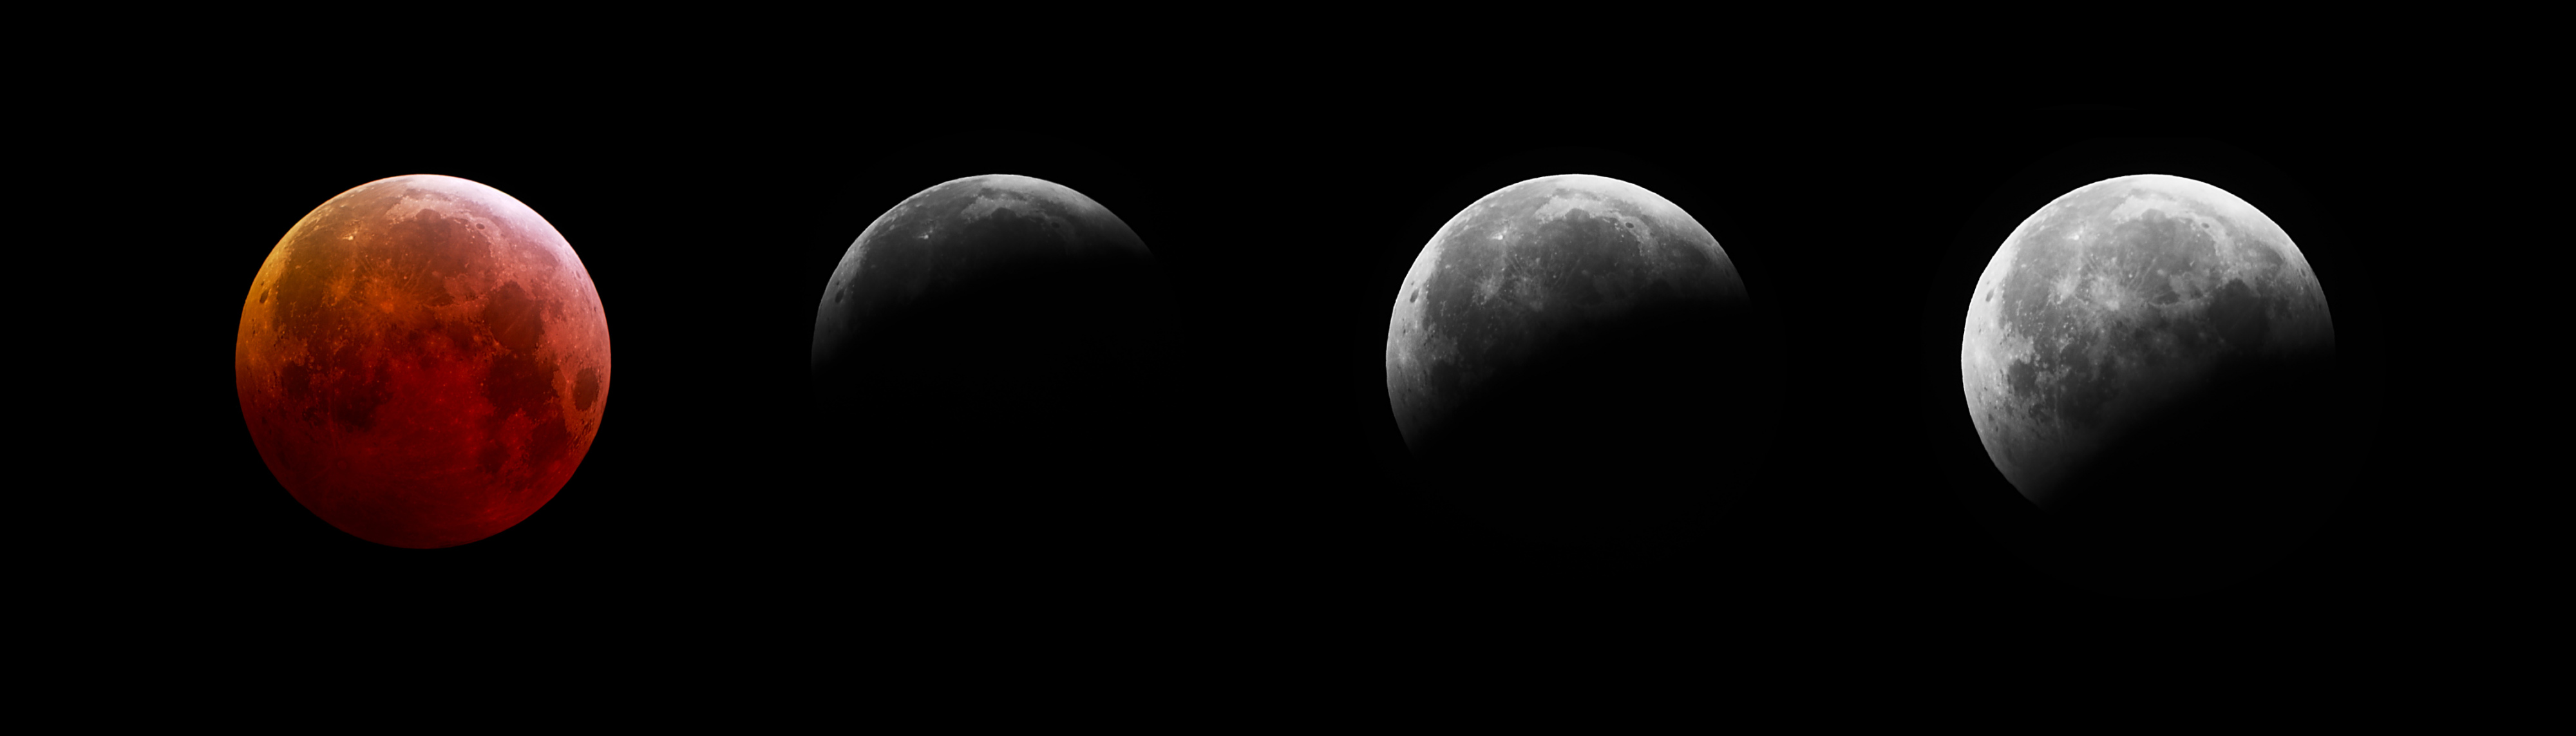 190121 - Eclipse de Lune - Composition - Pollux - STL11K